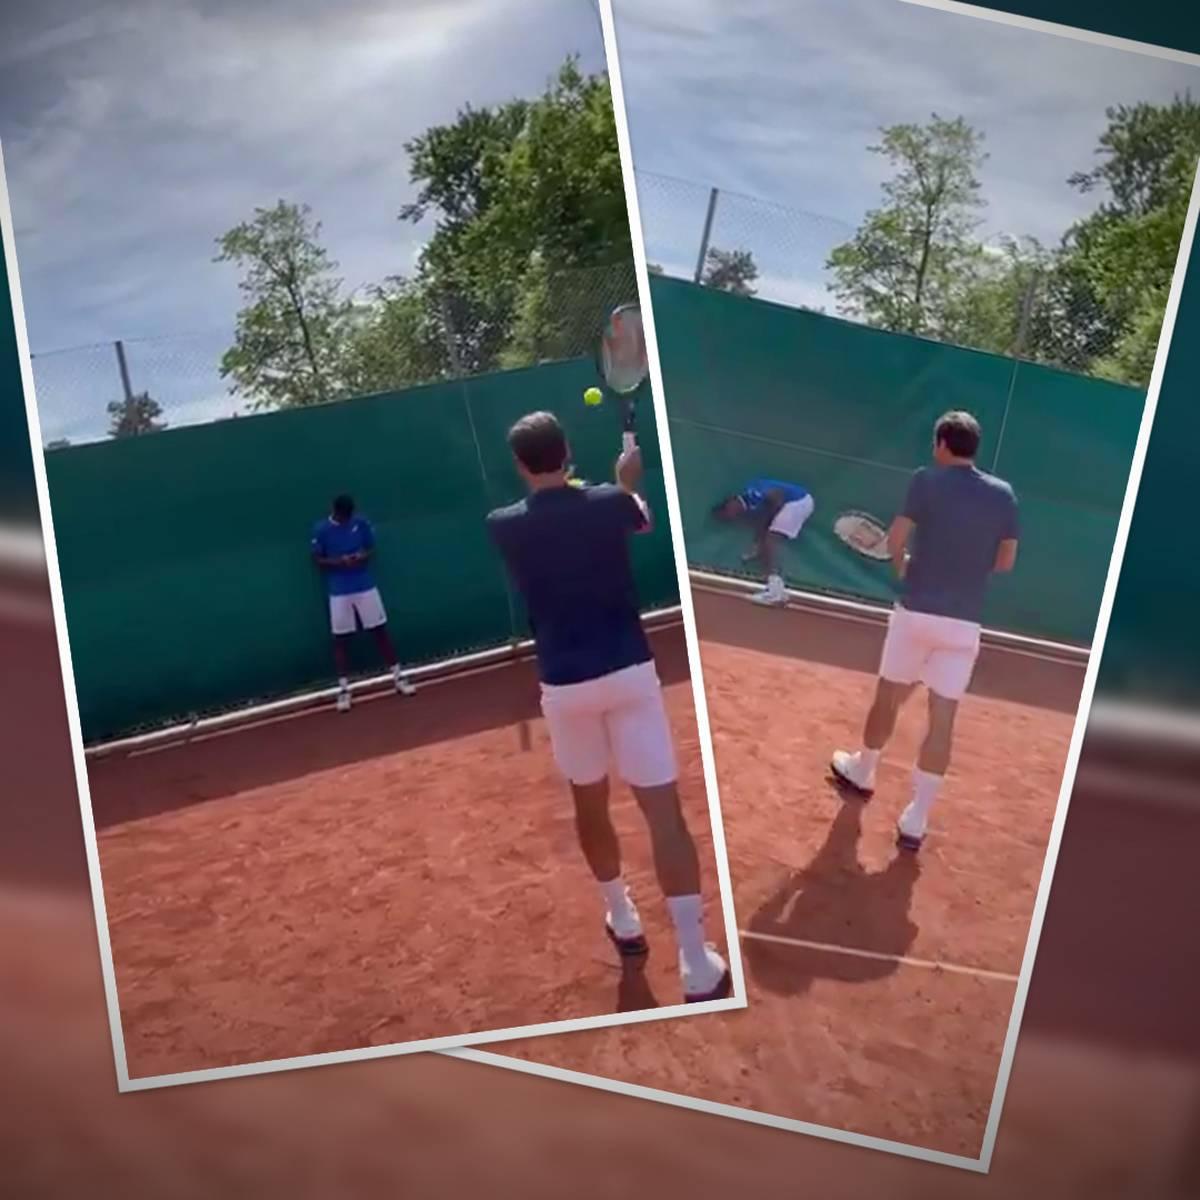 Das tut weh! Federer mit Volltreffer gegen Monfils